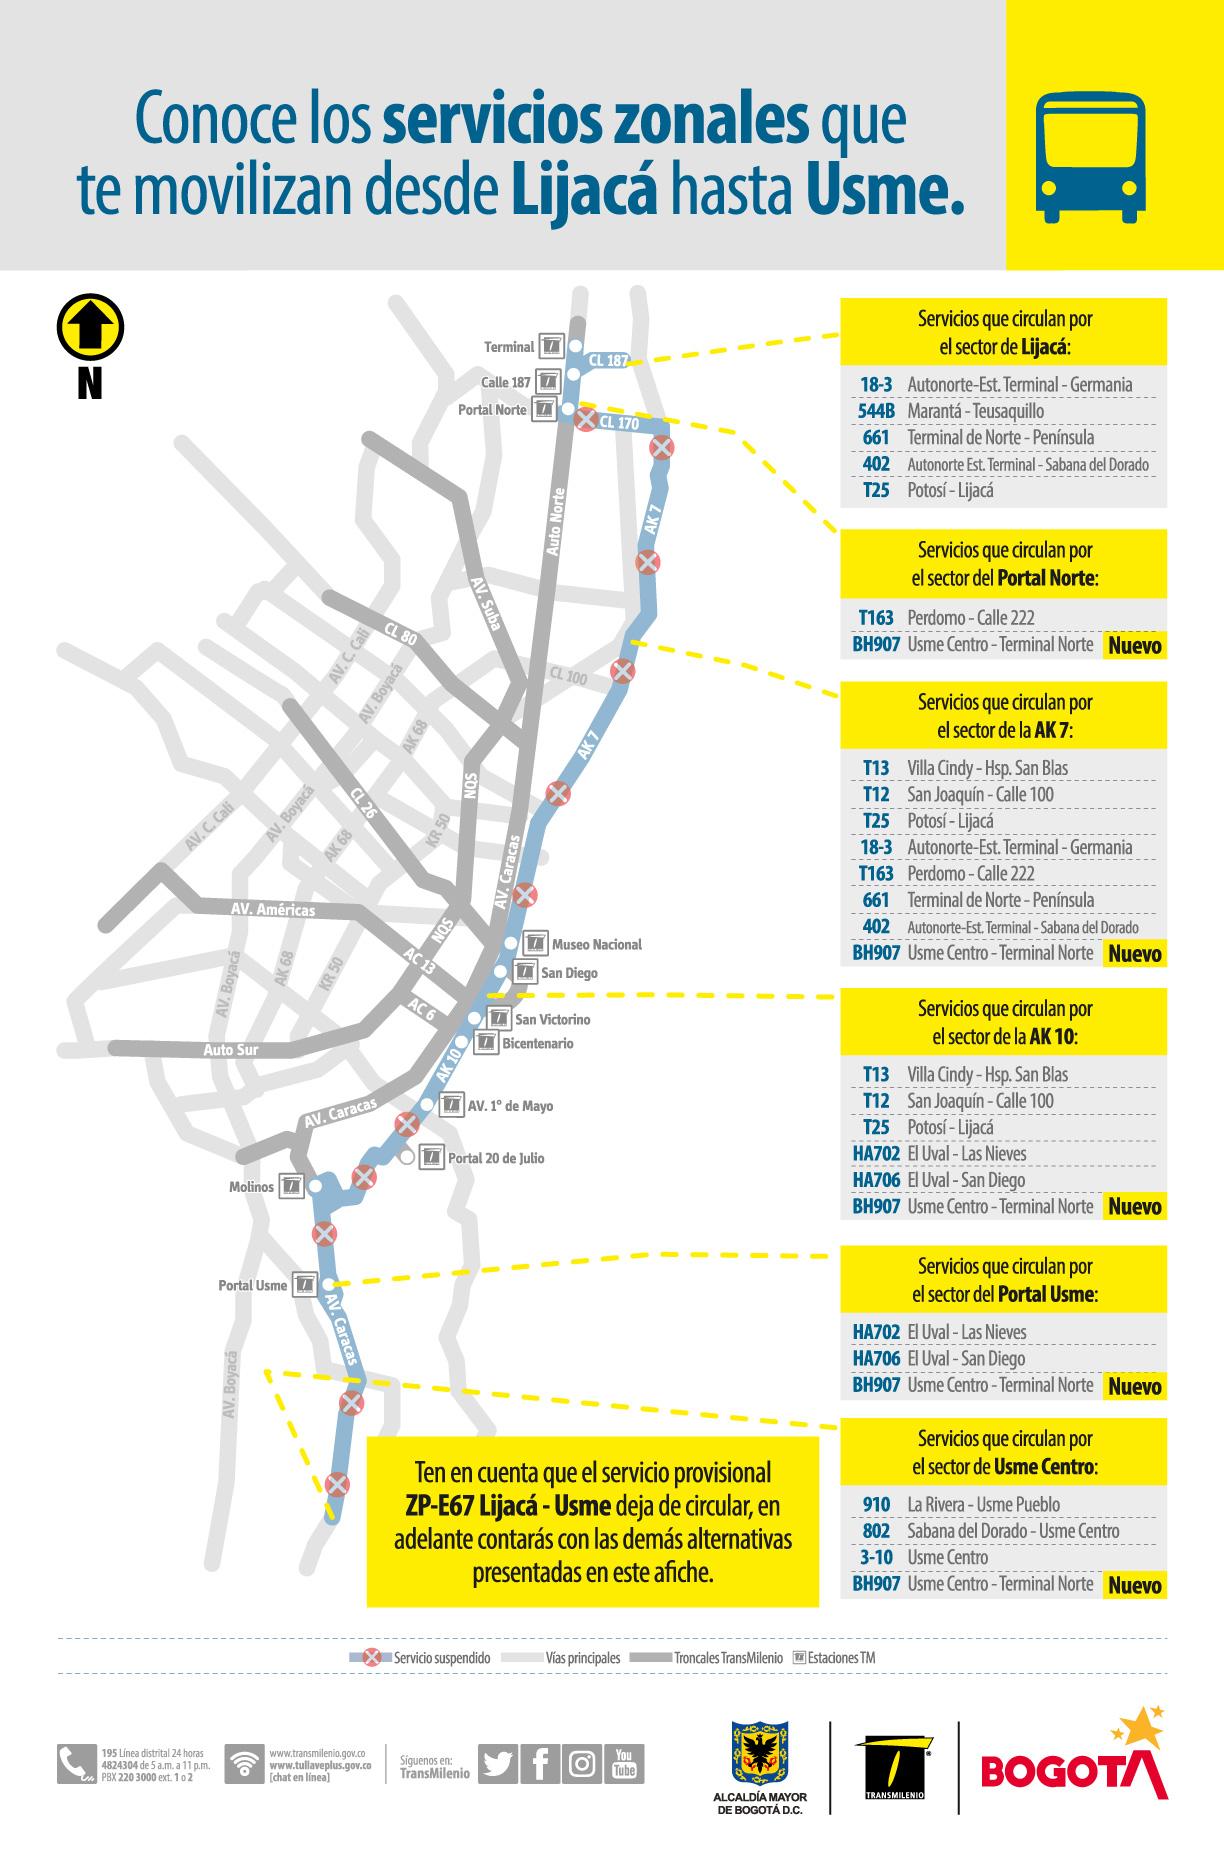 ruta provisional ZP-E67 Lijacá - Usme que dejará de circular a partir del próximo sábado 1 de mayo de 2021